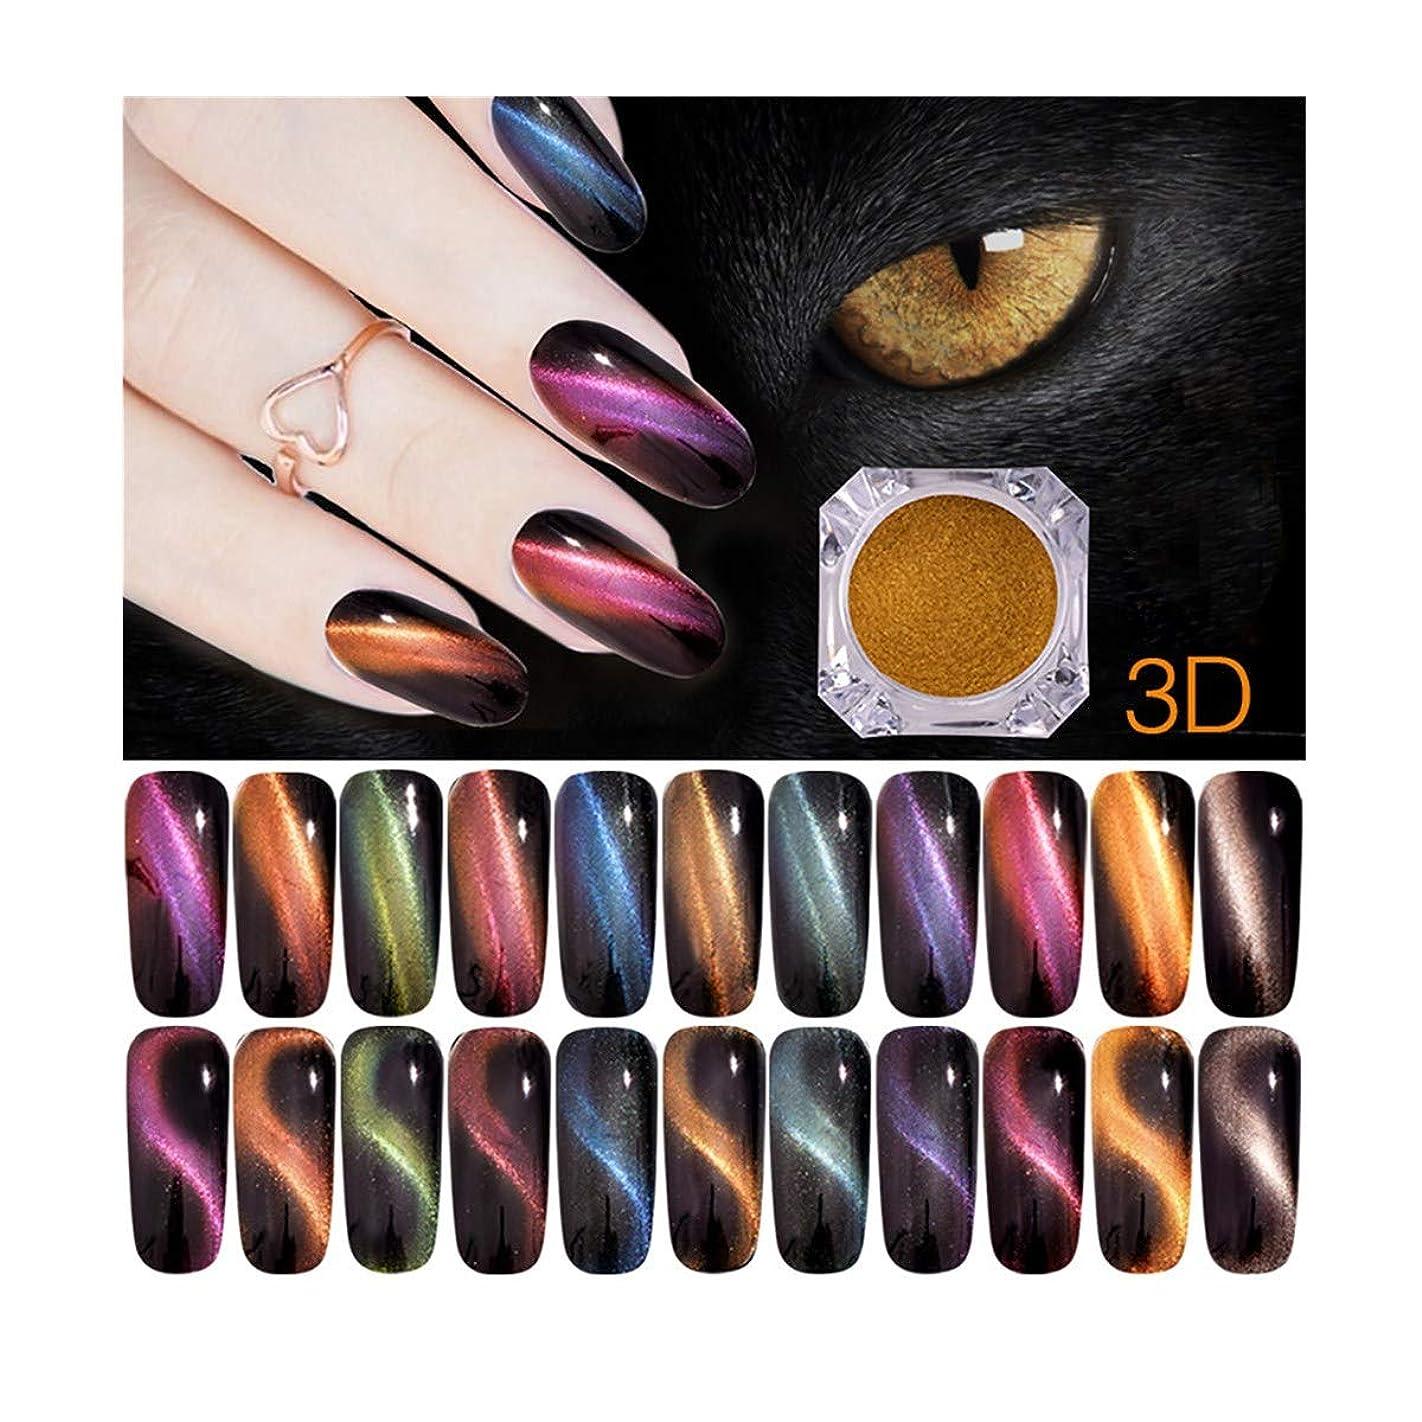 適合ミシン定常Jilebao インスタやネイルサロンで今人気! 11色セット クロムパウダー ネイルパウダー ミラーパウダー オーロラ マニキュアアートパウダー 人気色 3D シェルパウダー 鏡面 メタリックネイル (MIX 11色セット)